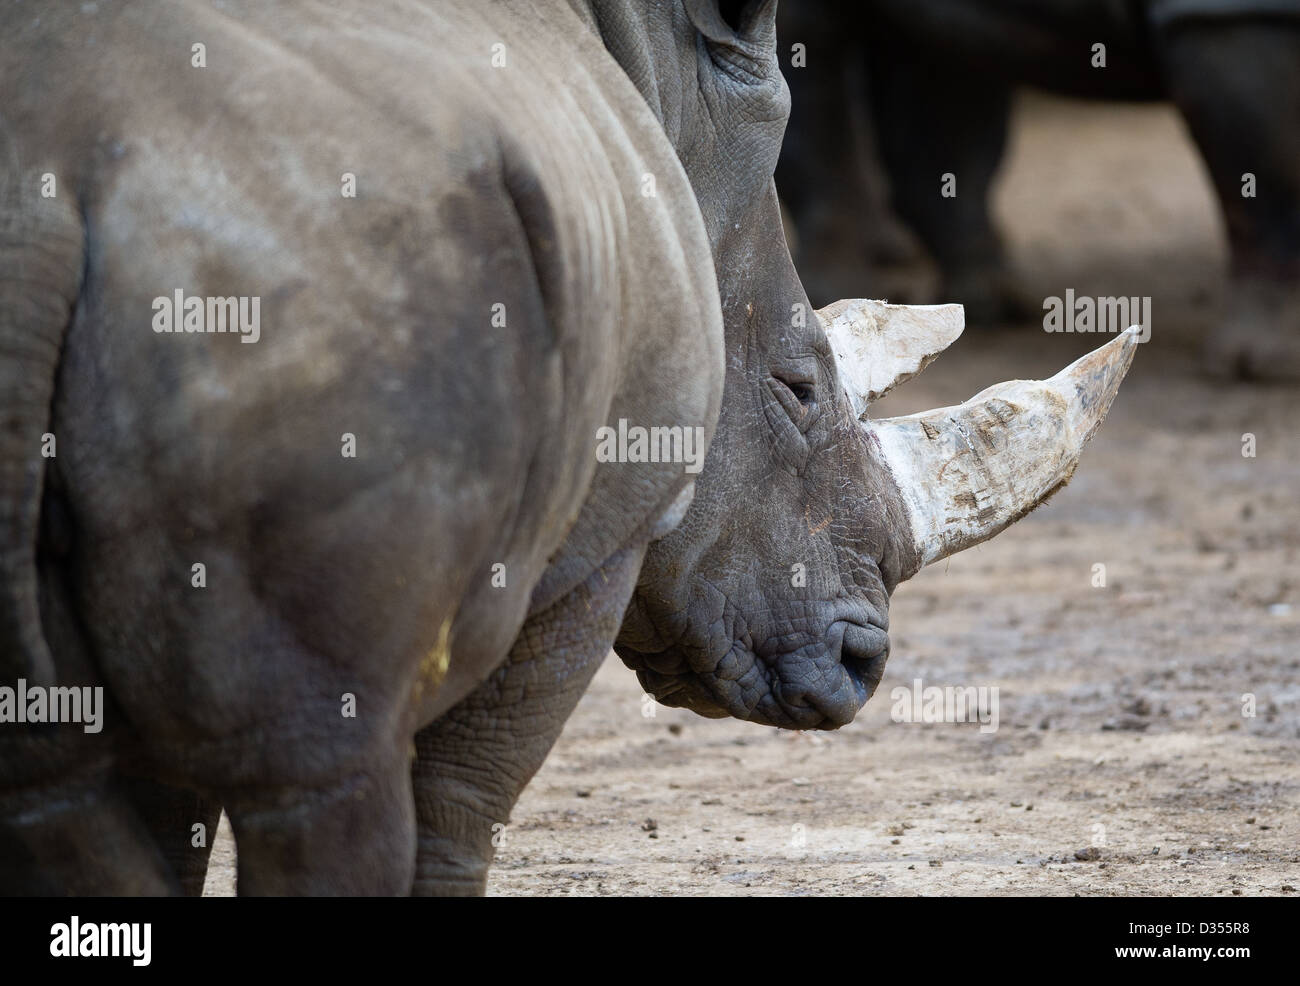 White Rhinoceros (Ceratotherium simum) - Stock Image